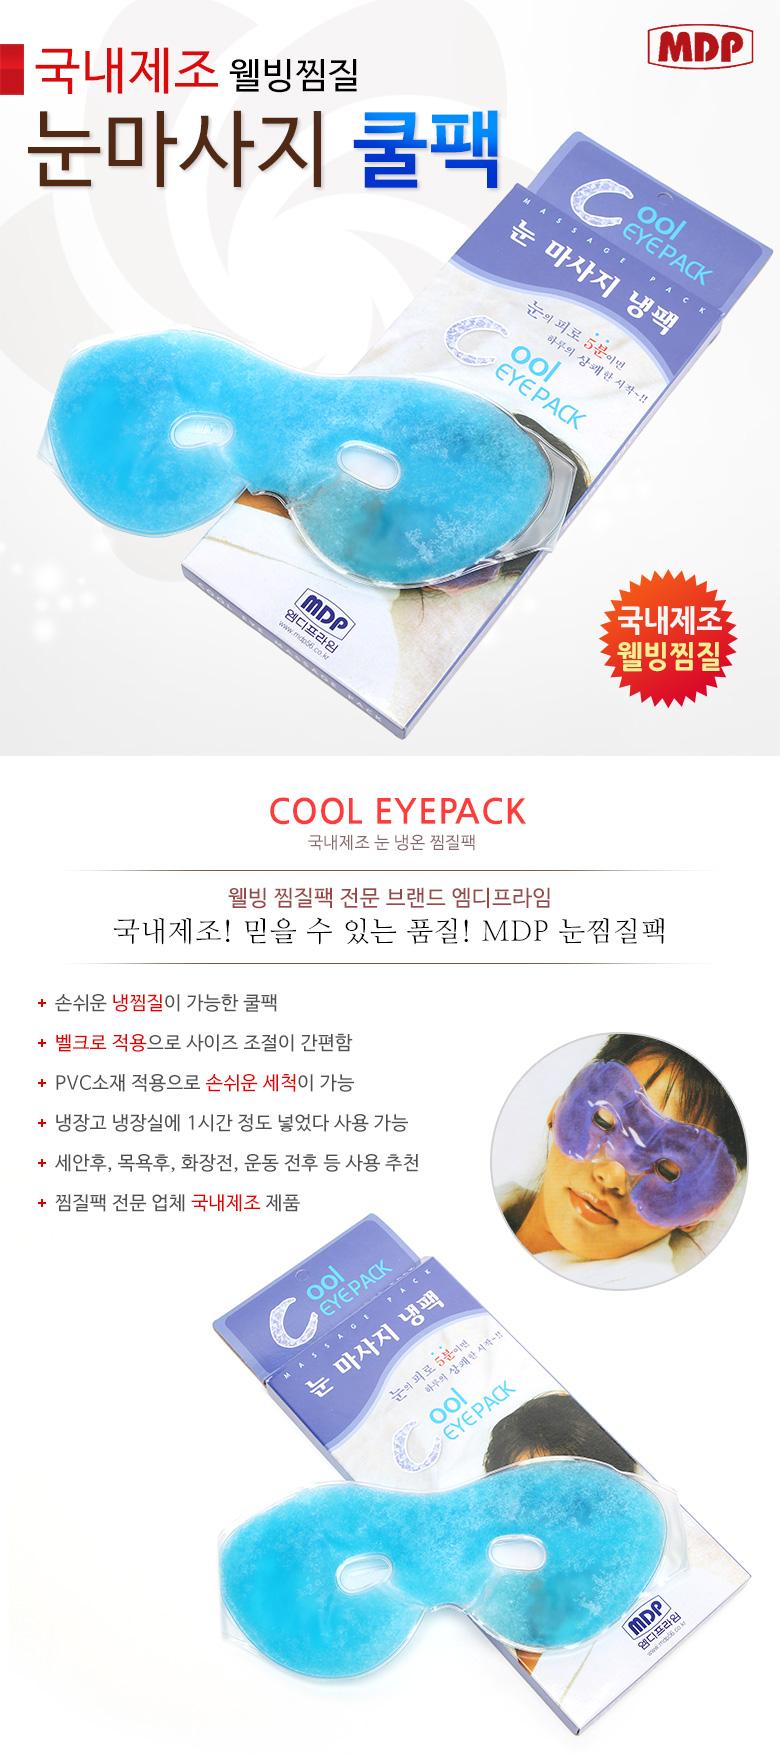 눈 마사지 쿨팩 냉팩 - 엠디프라임, 6,900원, 여름용품, 아이스/쿨링용품